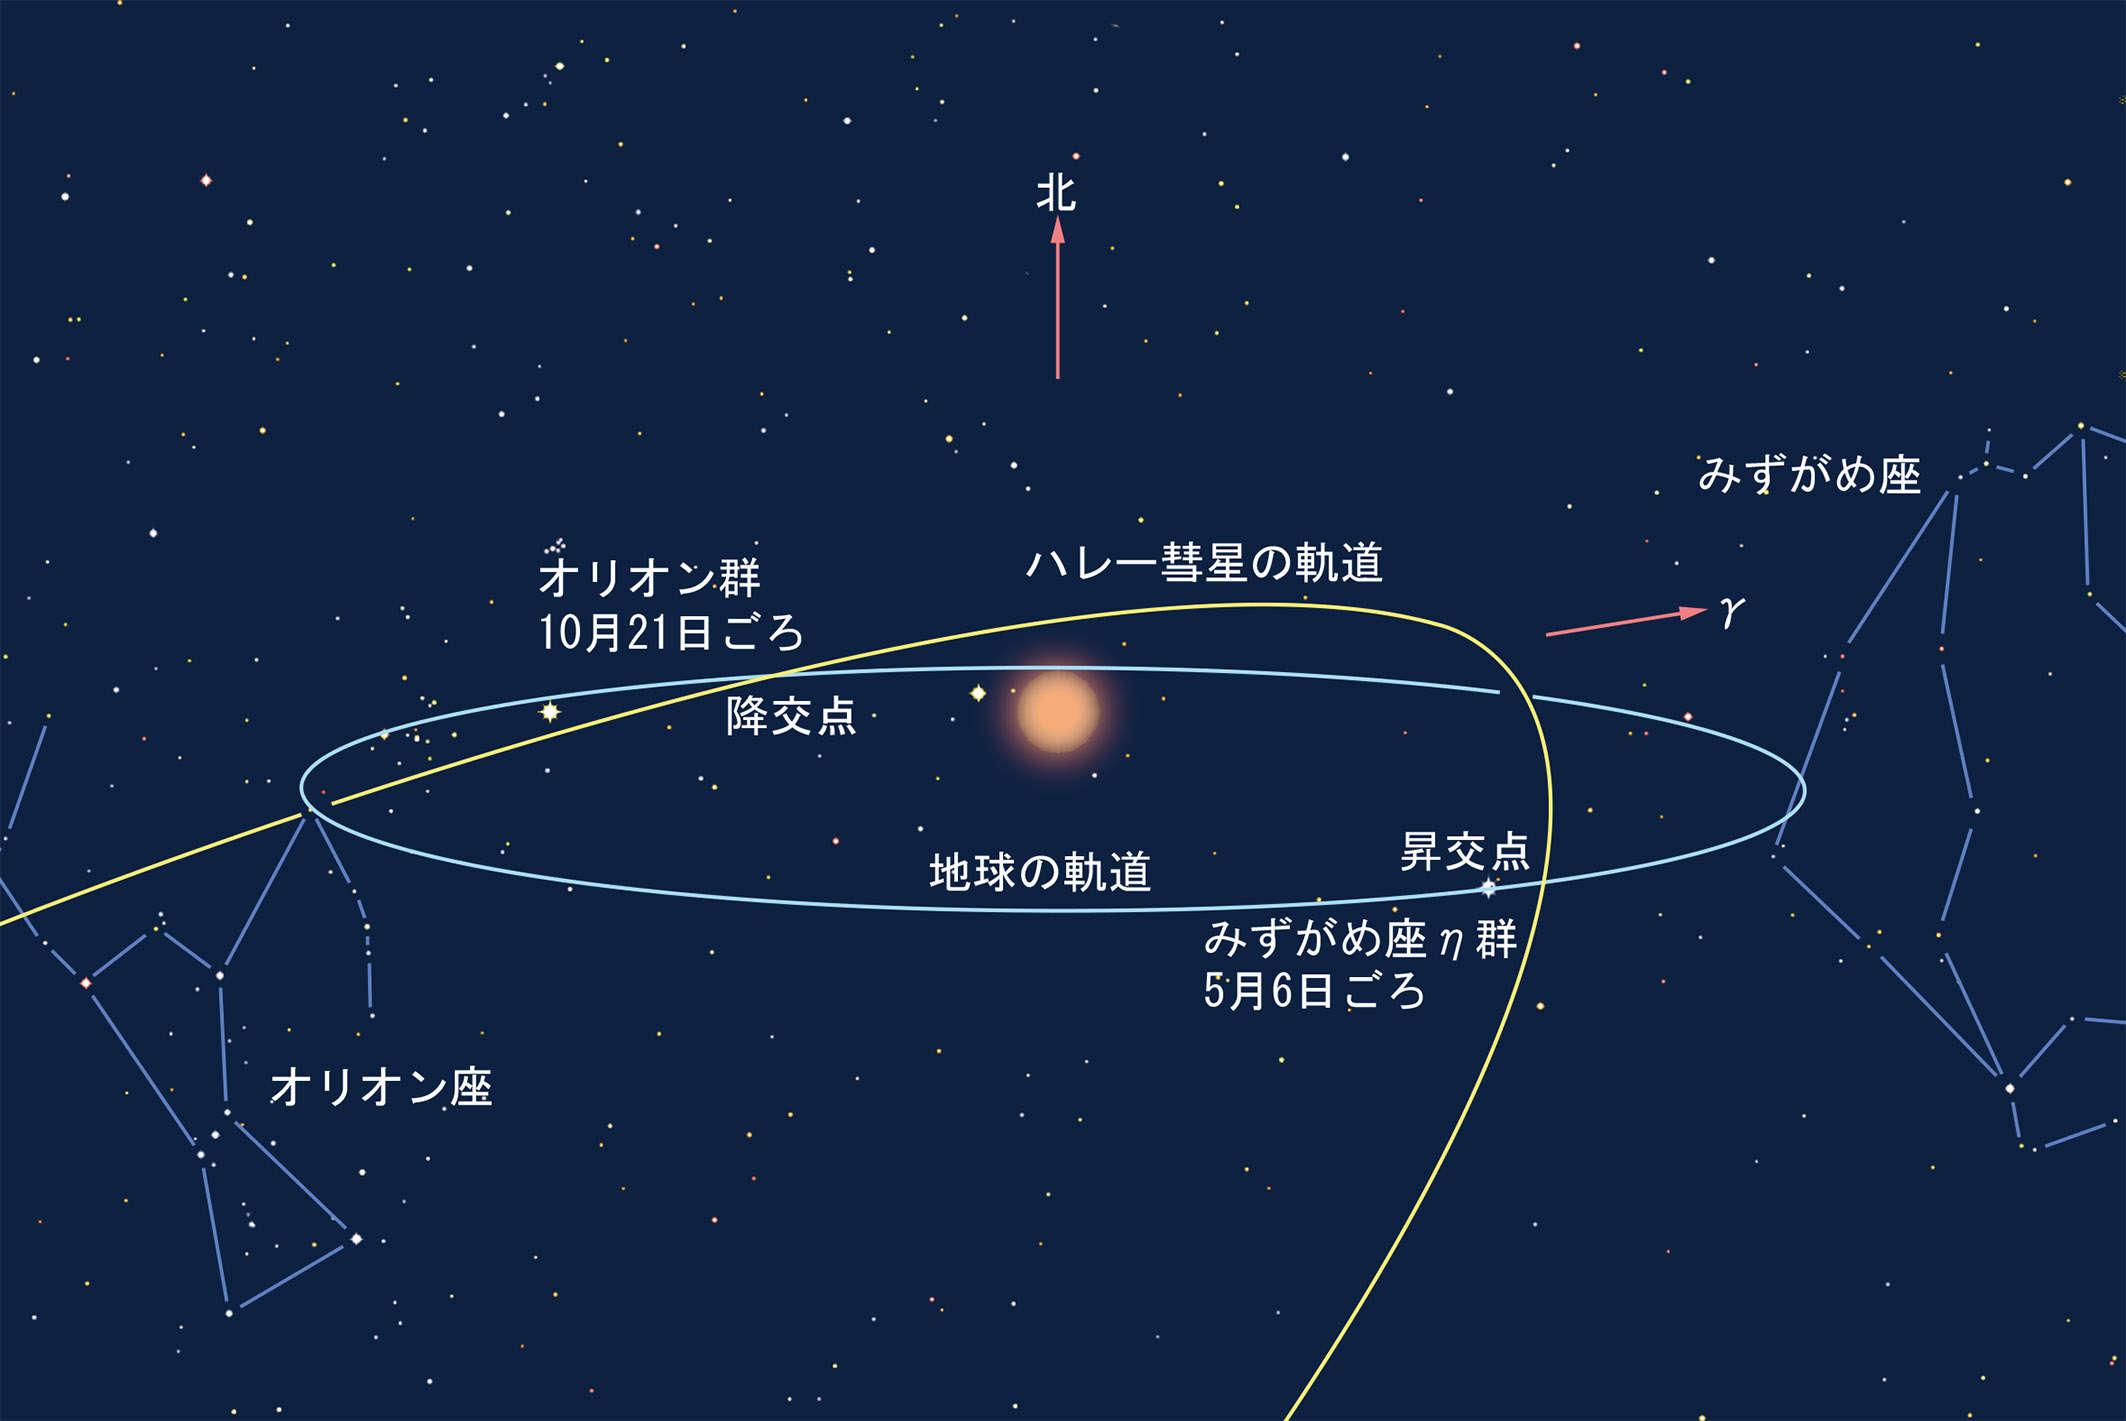 みず がめ 座 流星 群 2019 7 月